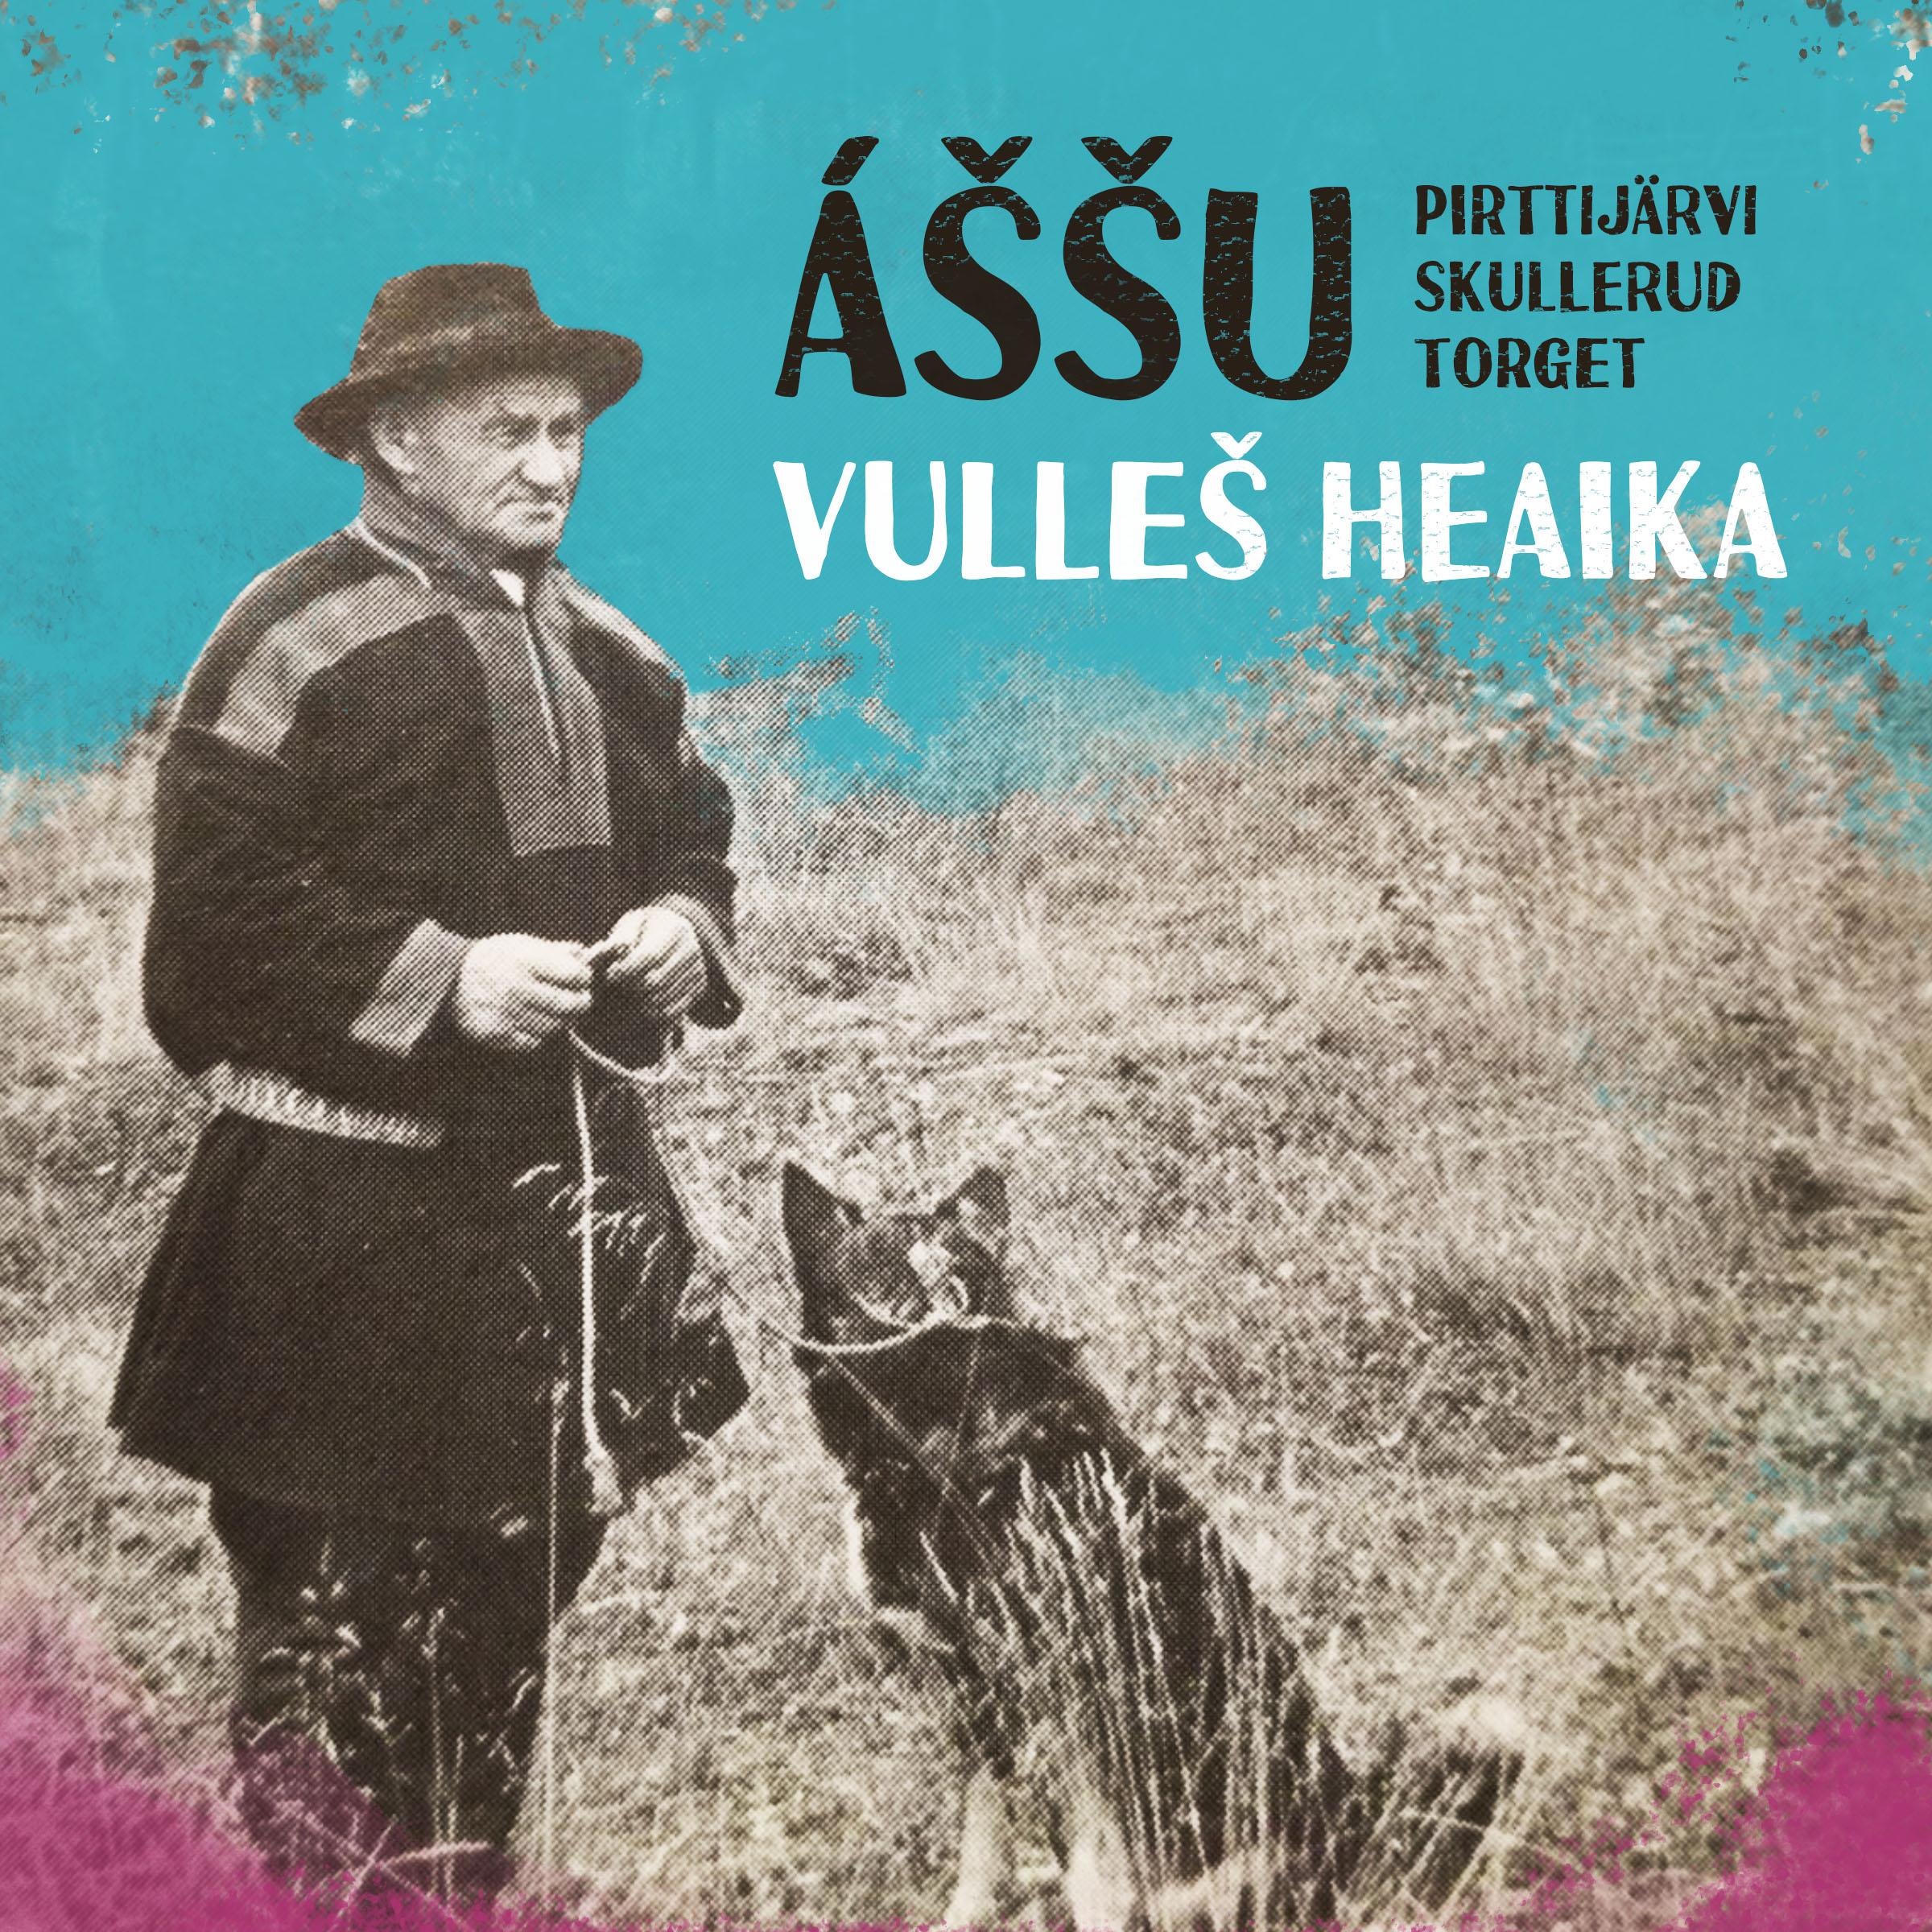 Assu Vulles Heaika Bafe's Factory